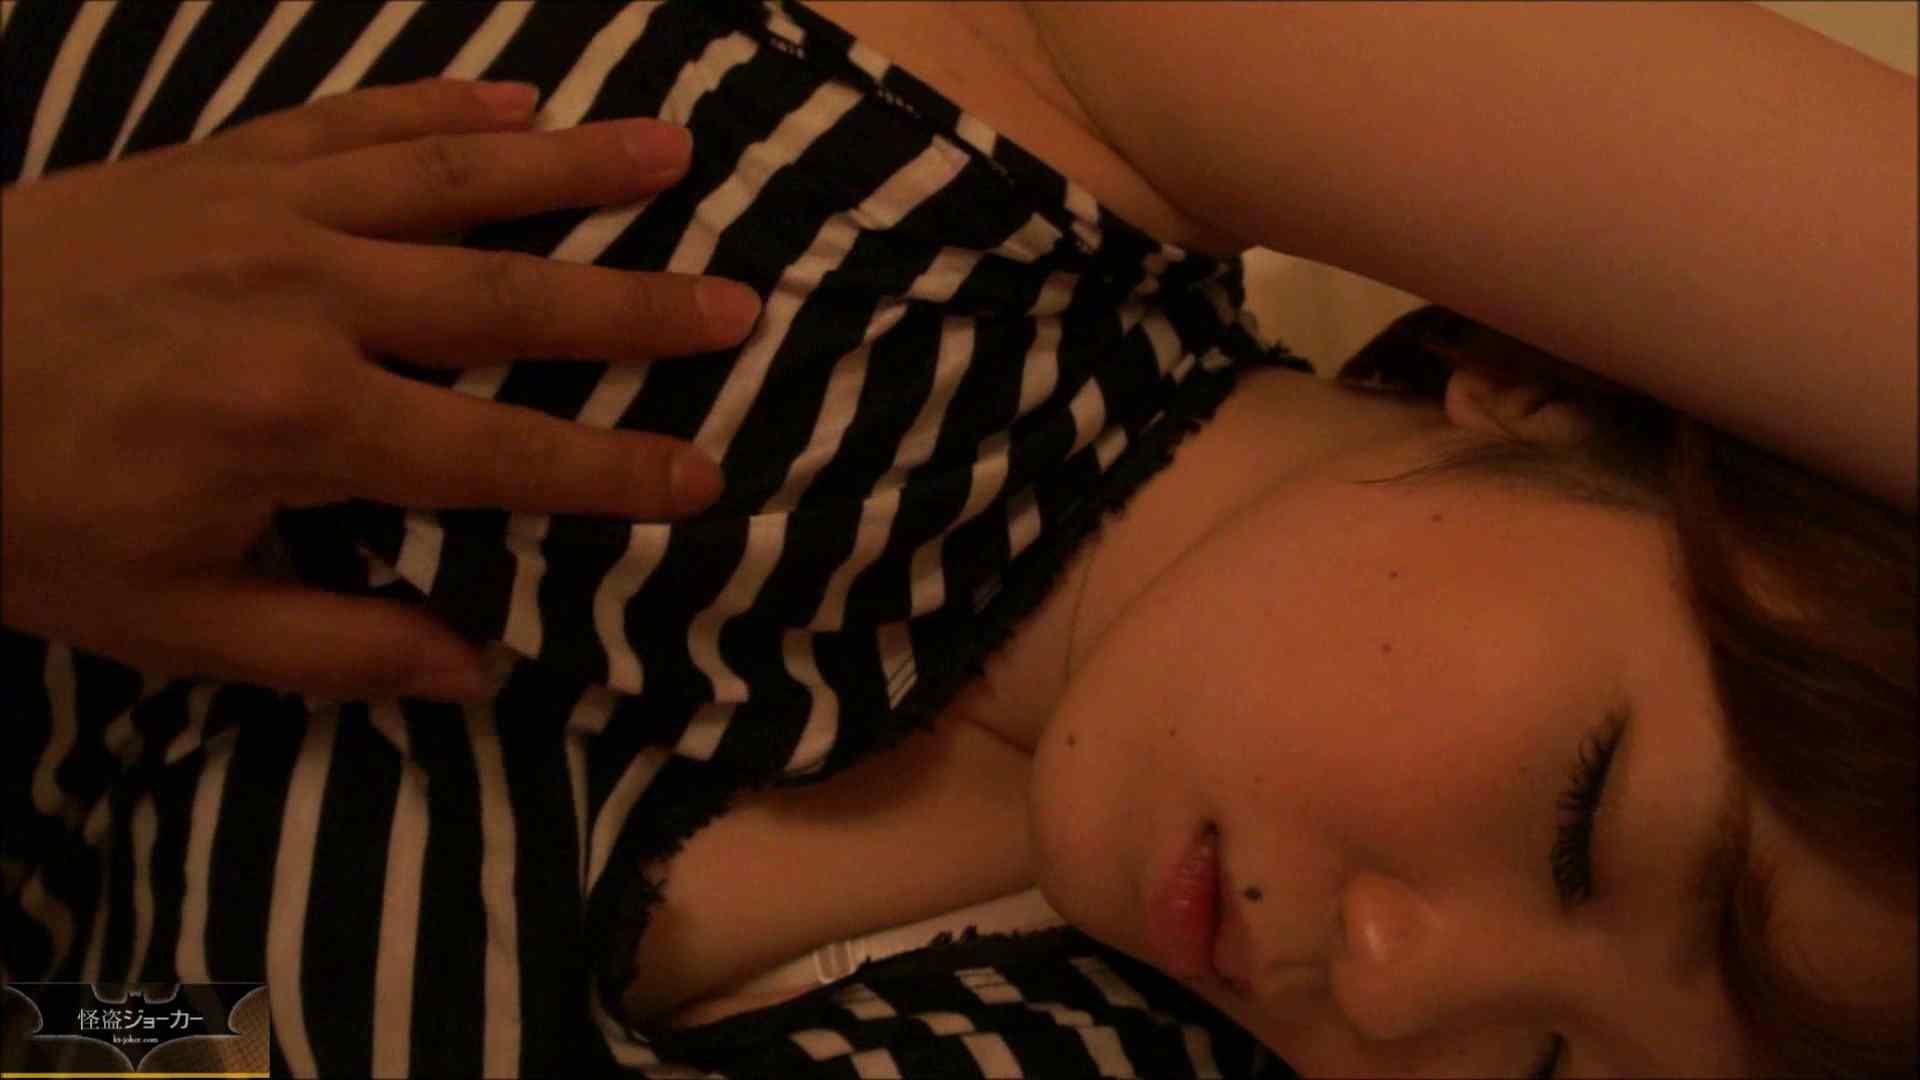 vol.4【白衣の天使23歳】☆のりこちゃん☆ホテルお持ち帰り。朦朧のまま感じて ホテルの中 戯れ無修正画像 78枚 34